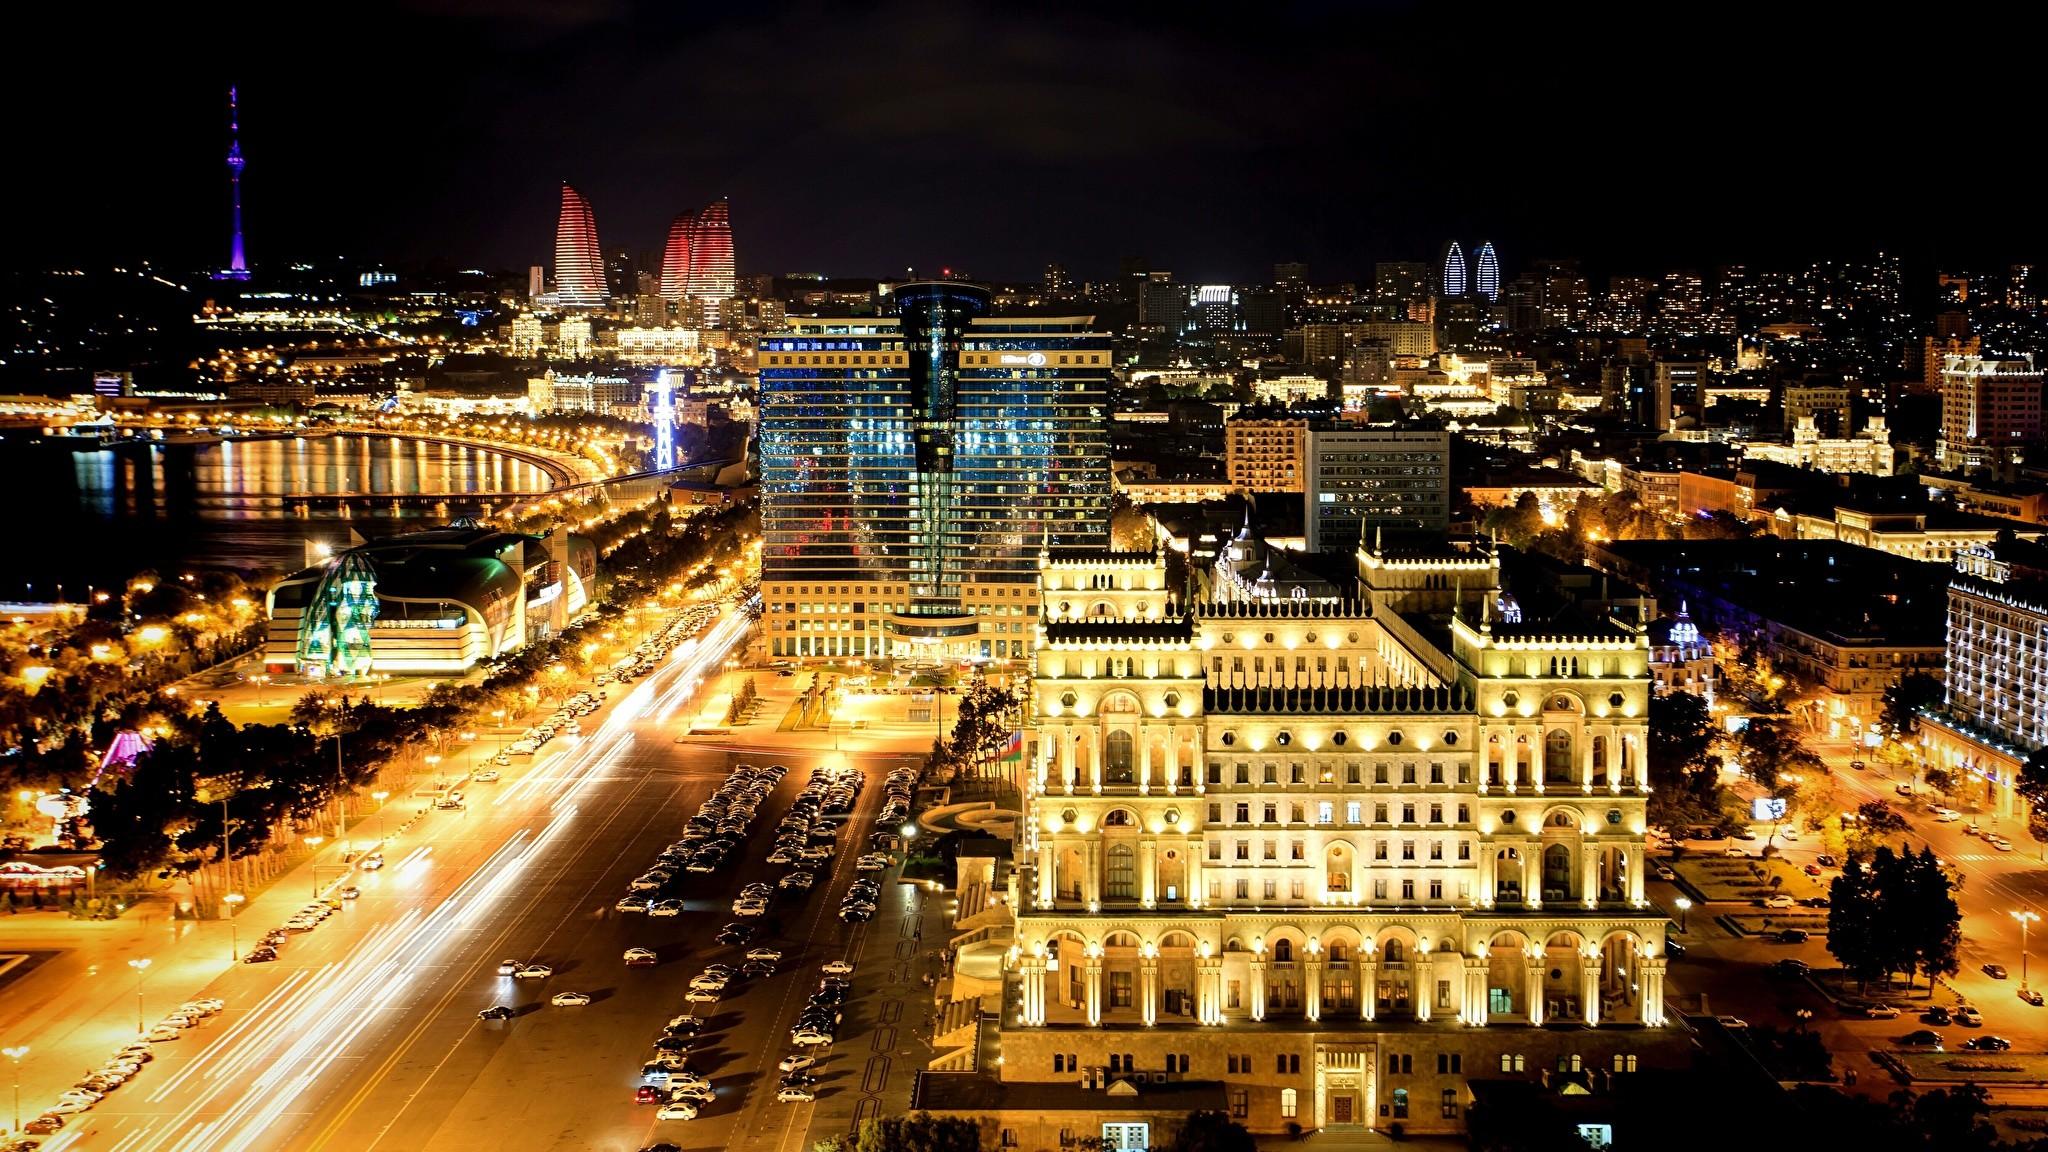 Wallpaper Baku Azerbaijan night time Cities Building Night Houses